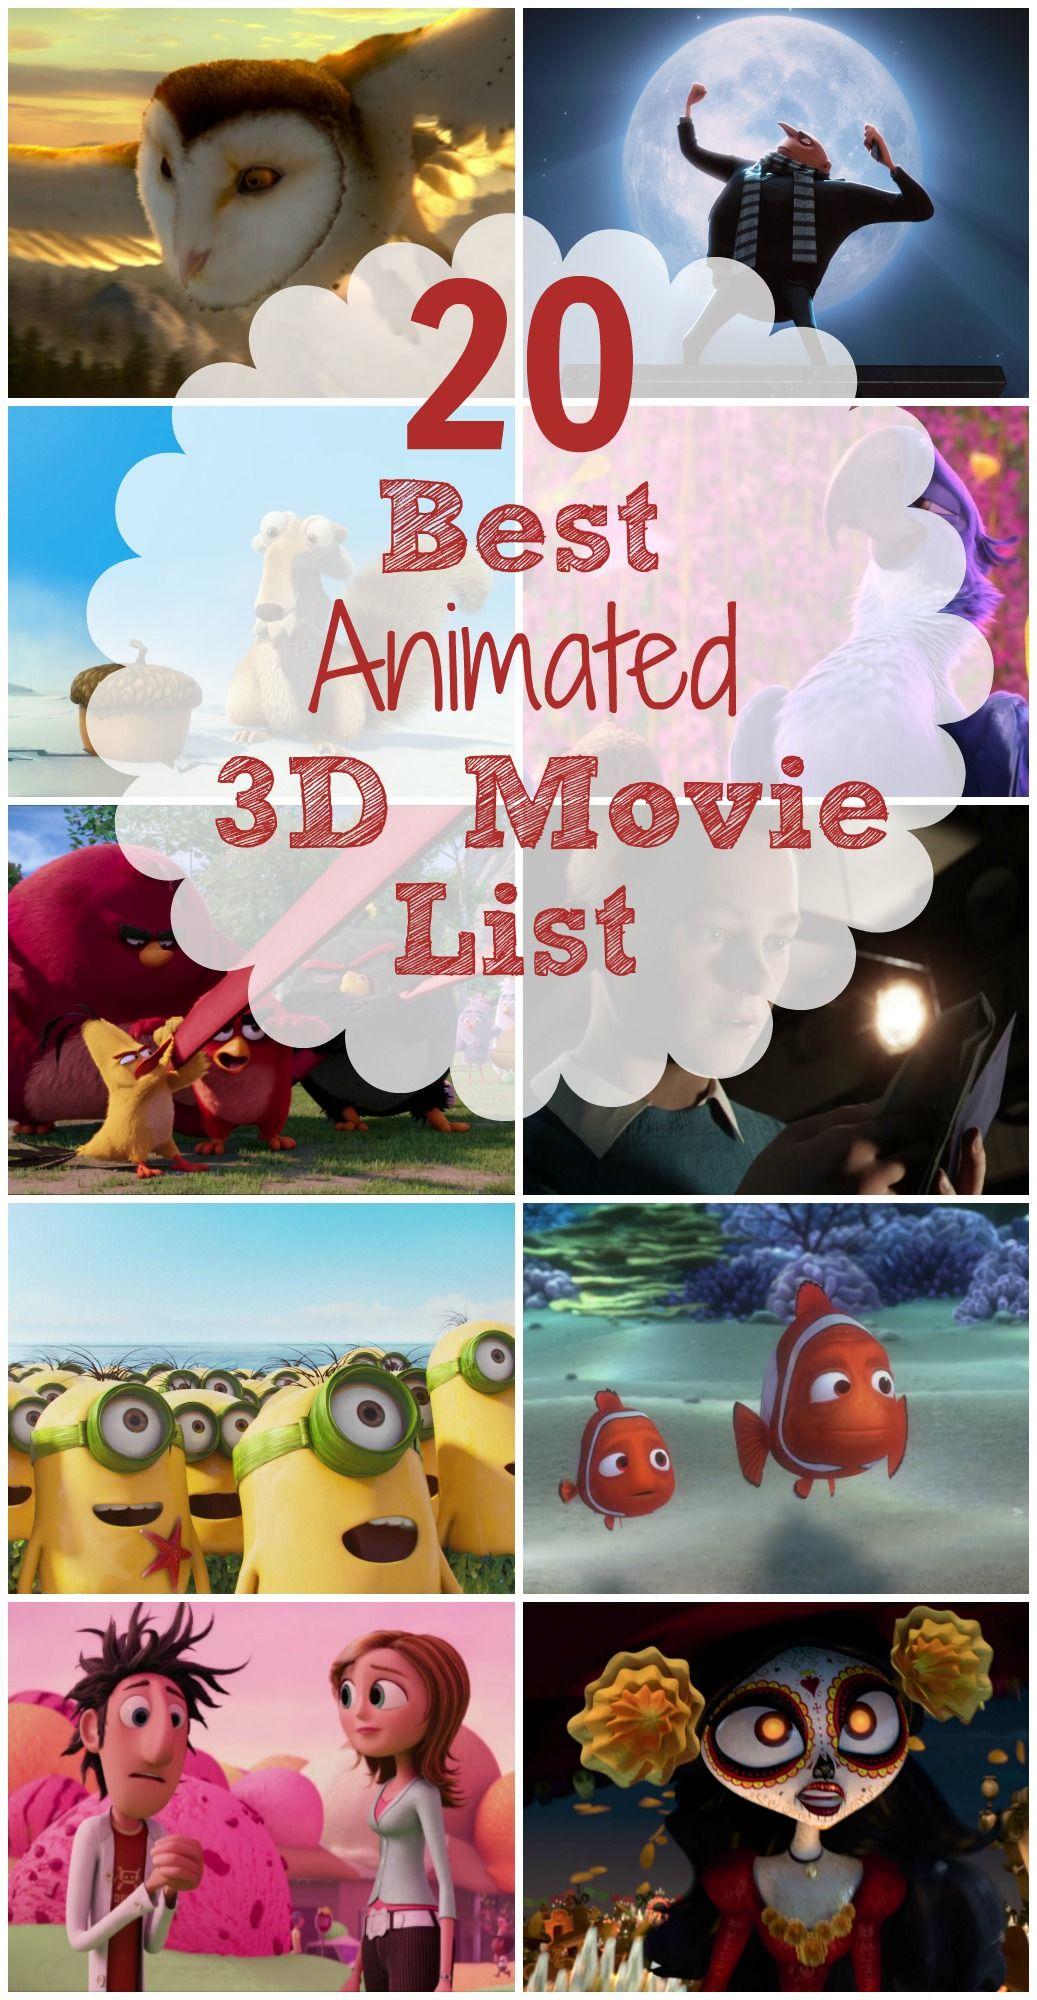 20 Best Animated 3D Movie List Good animated movies